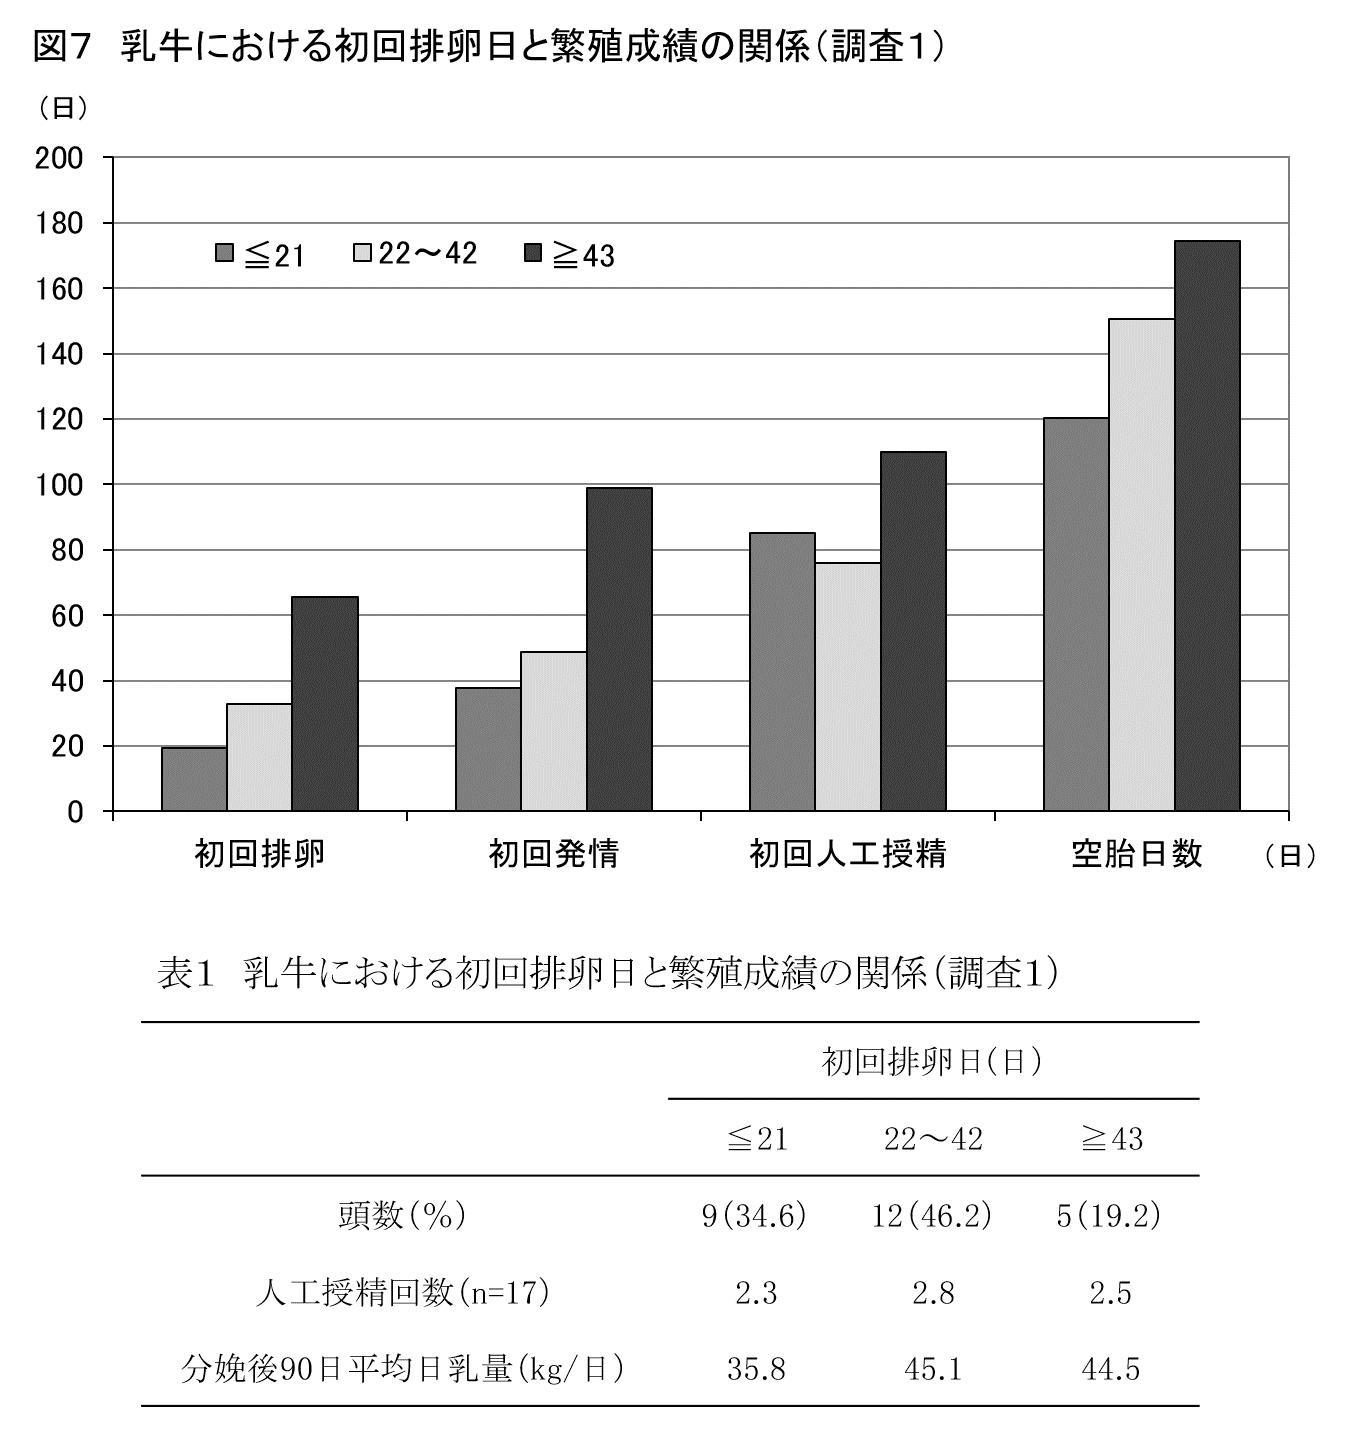 乳牛の繁殖成績と分娩前後の栄養状態との関係(2)